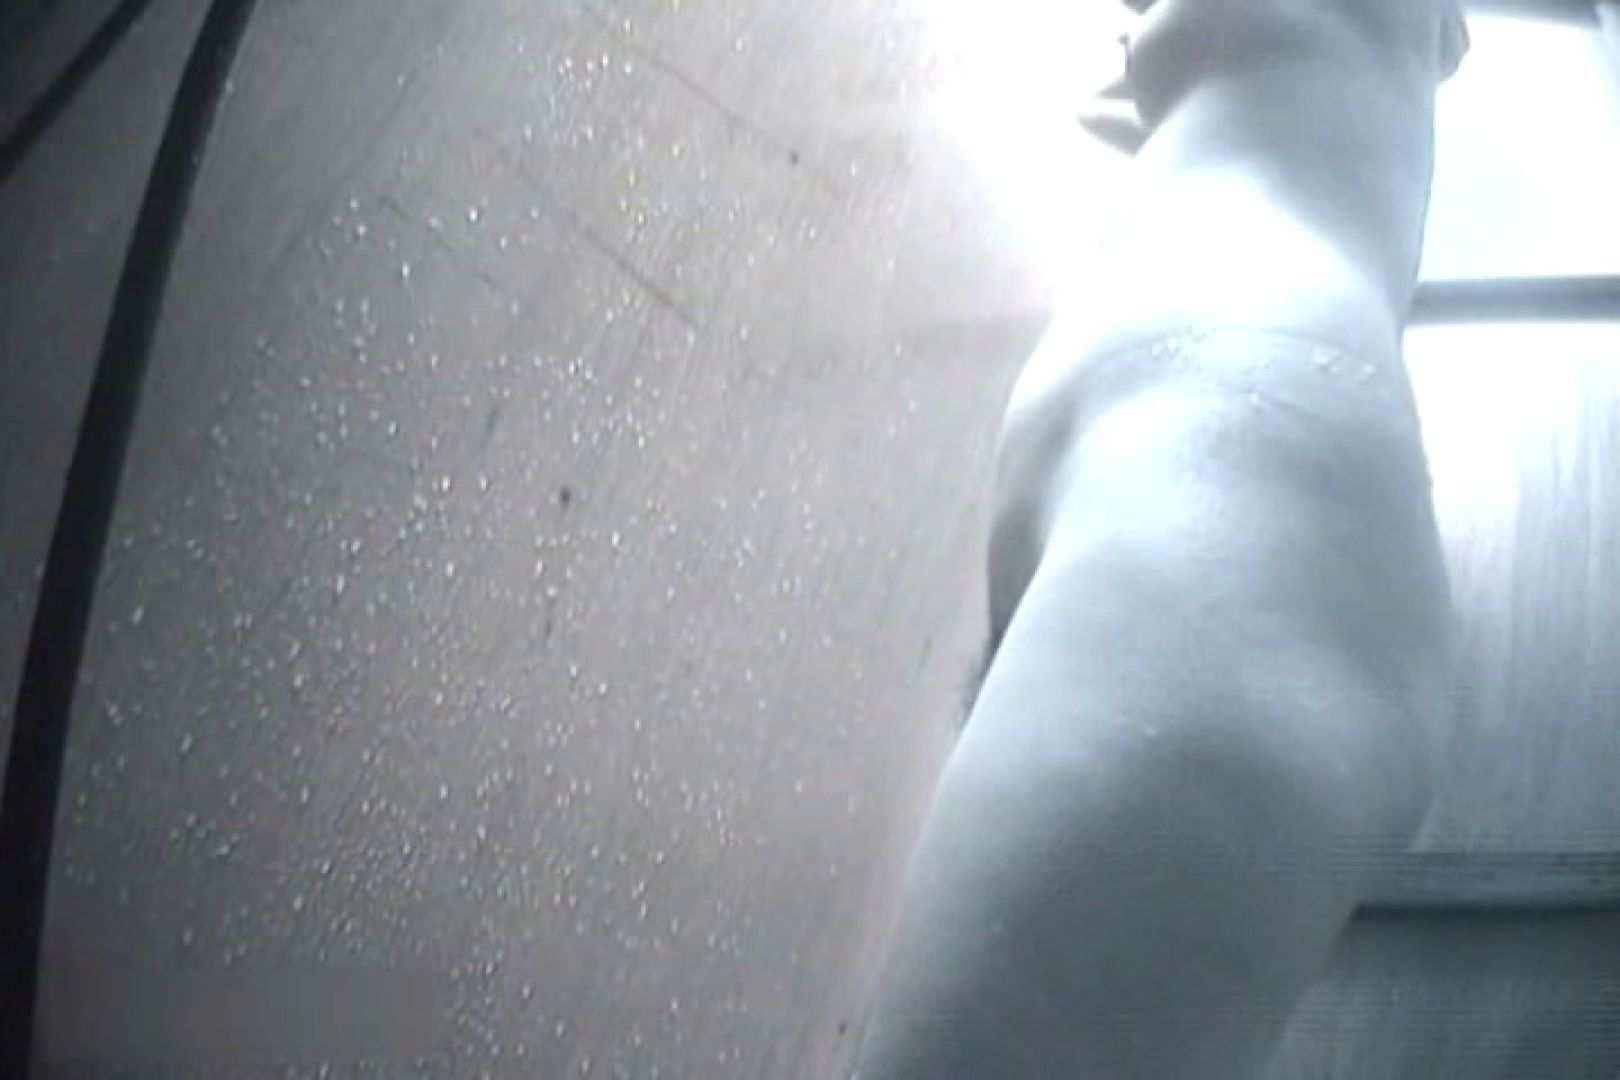 夏海シャワー室!ベトベトお肌をサラサラに!VOL.11 シャワー室 われめAV動画紹介 105連発 69